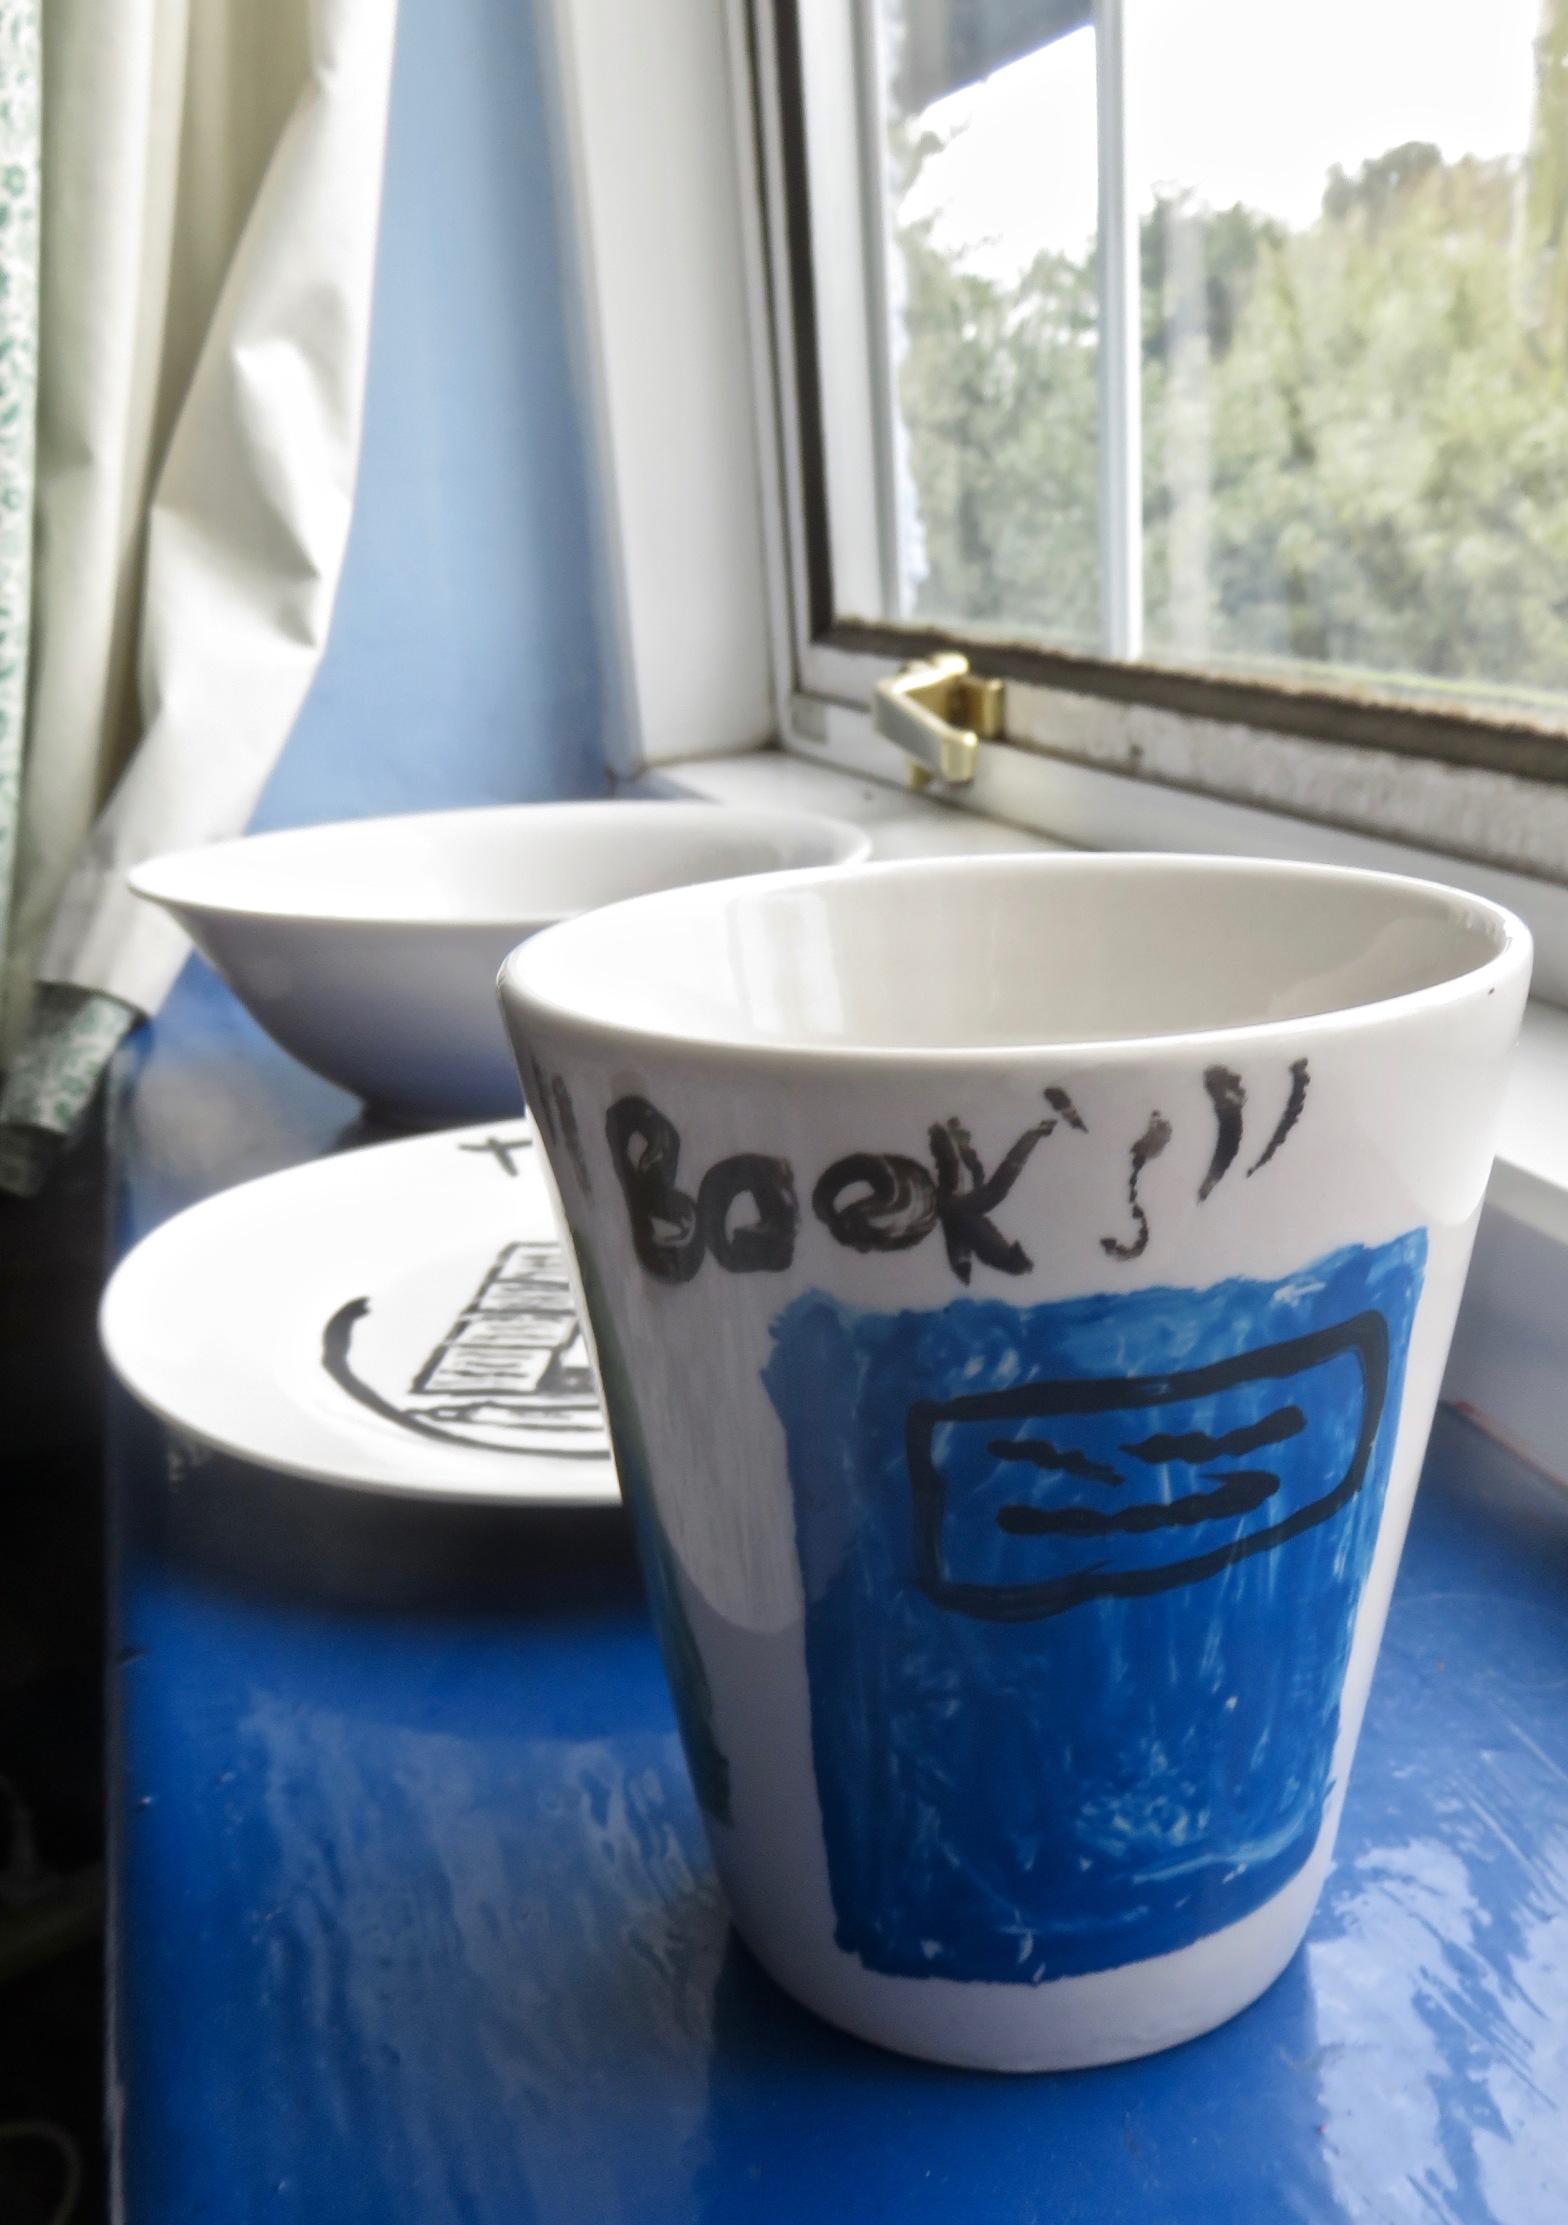 Flo's breakfast set